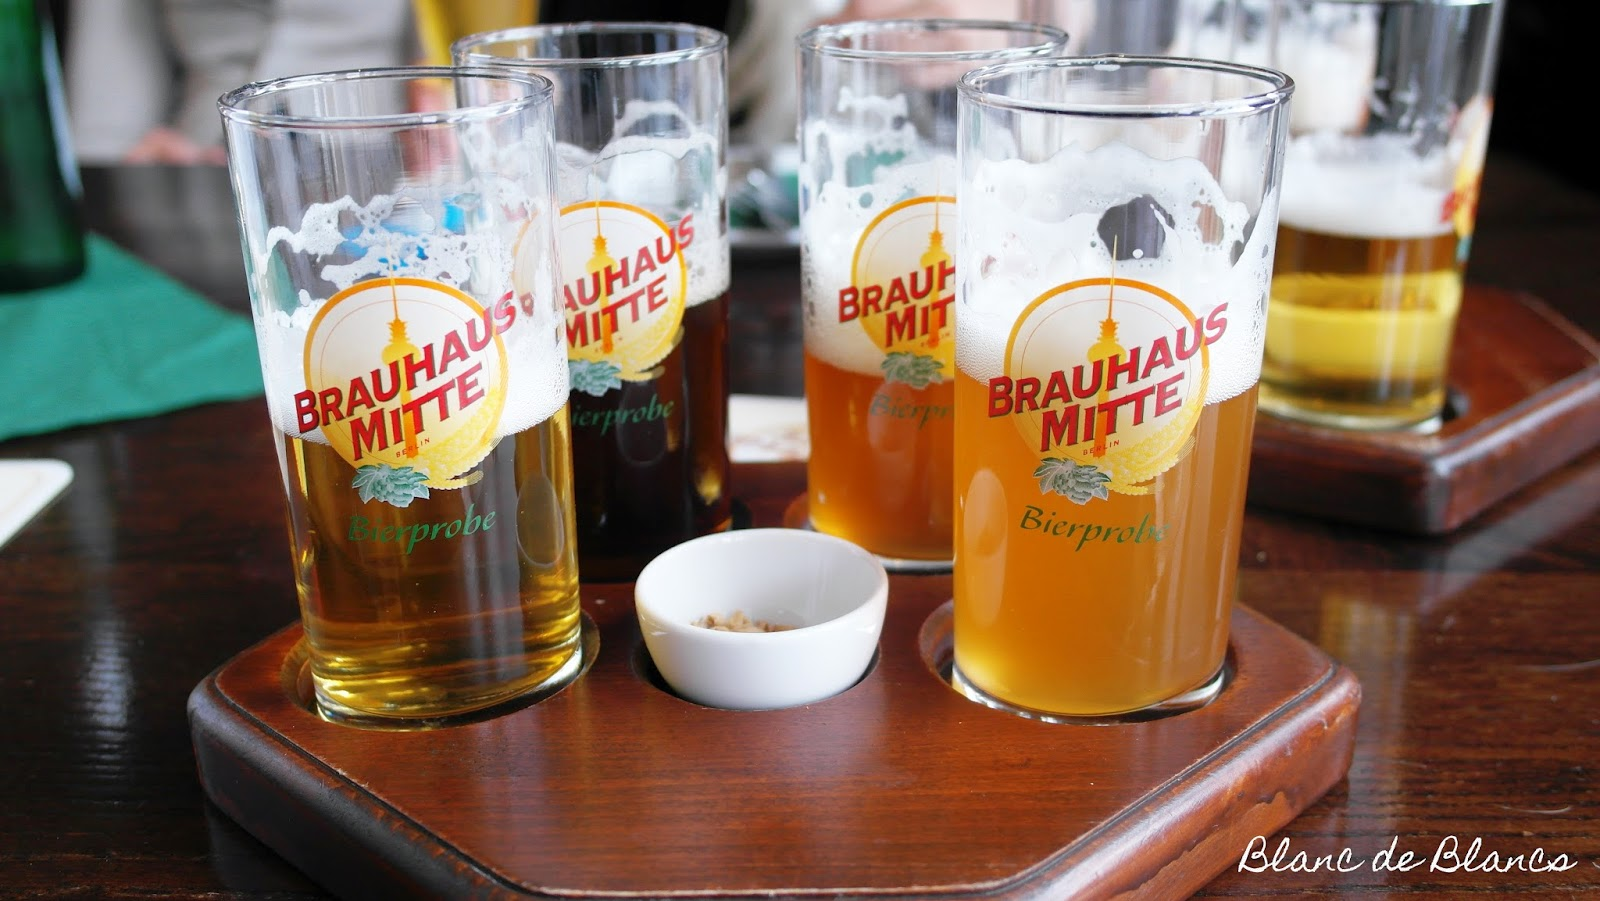 Berlin Brauhaus Mitte - www.blancdeblancs.fi